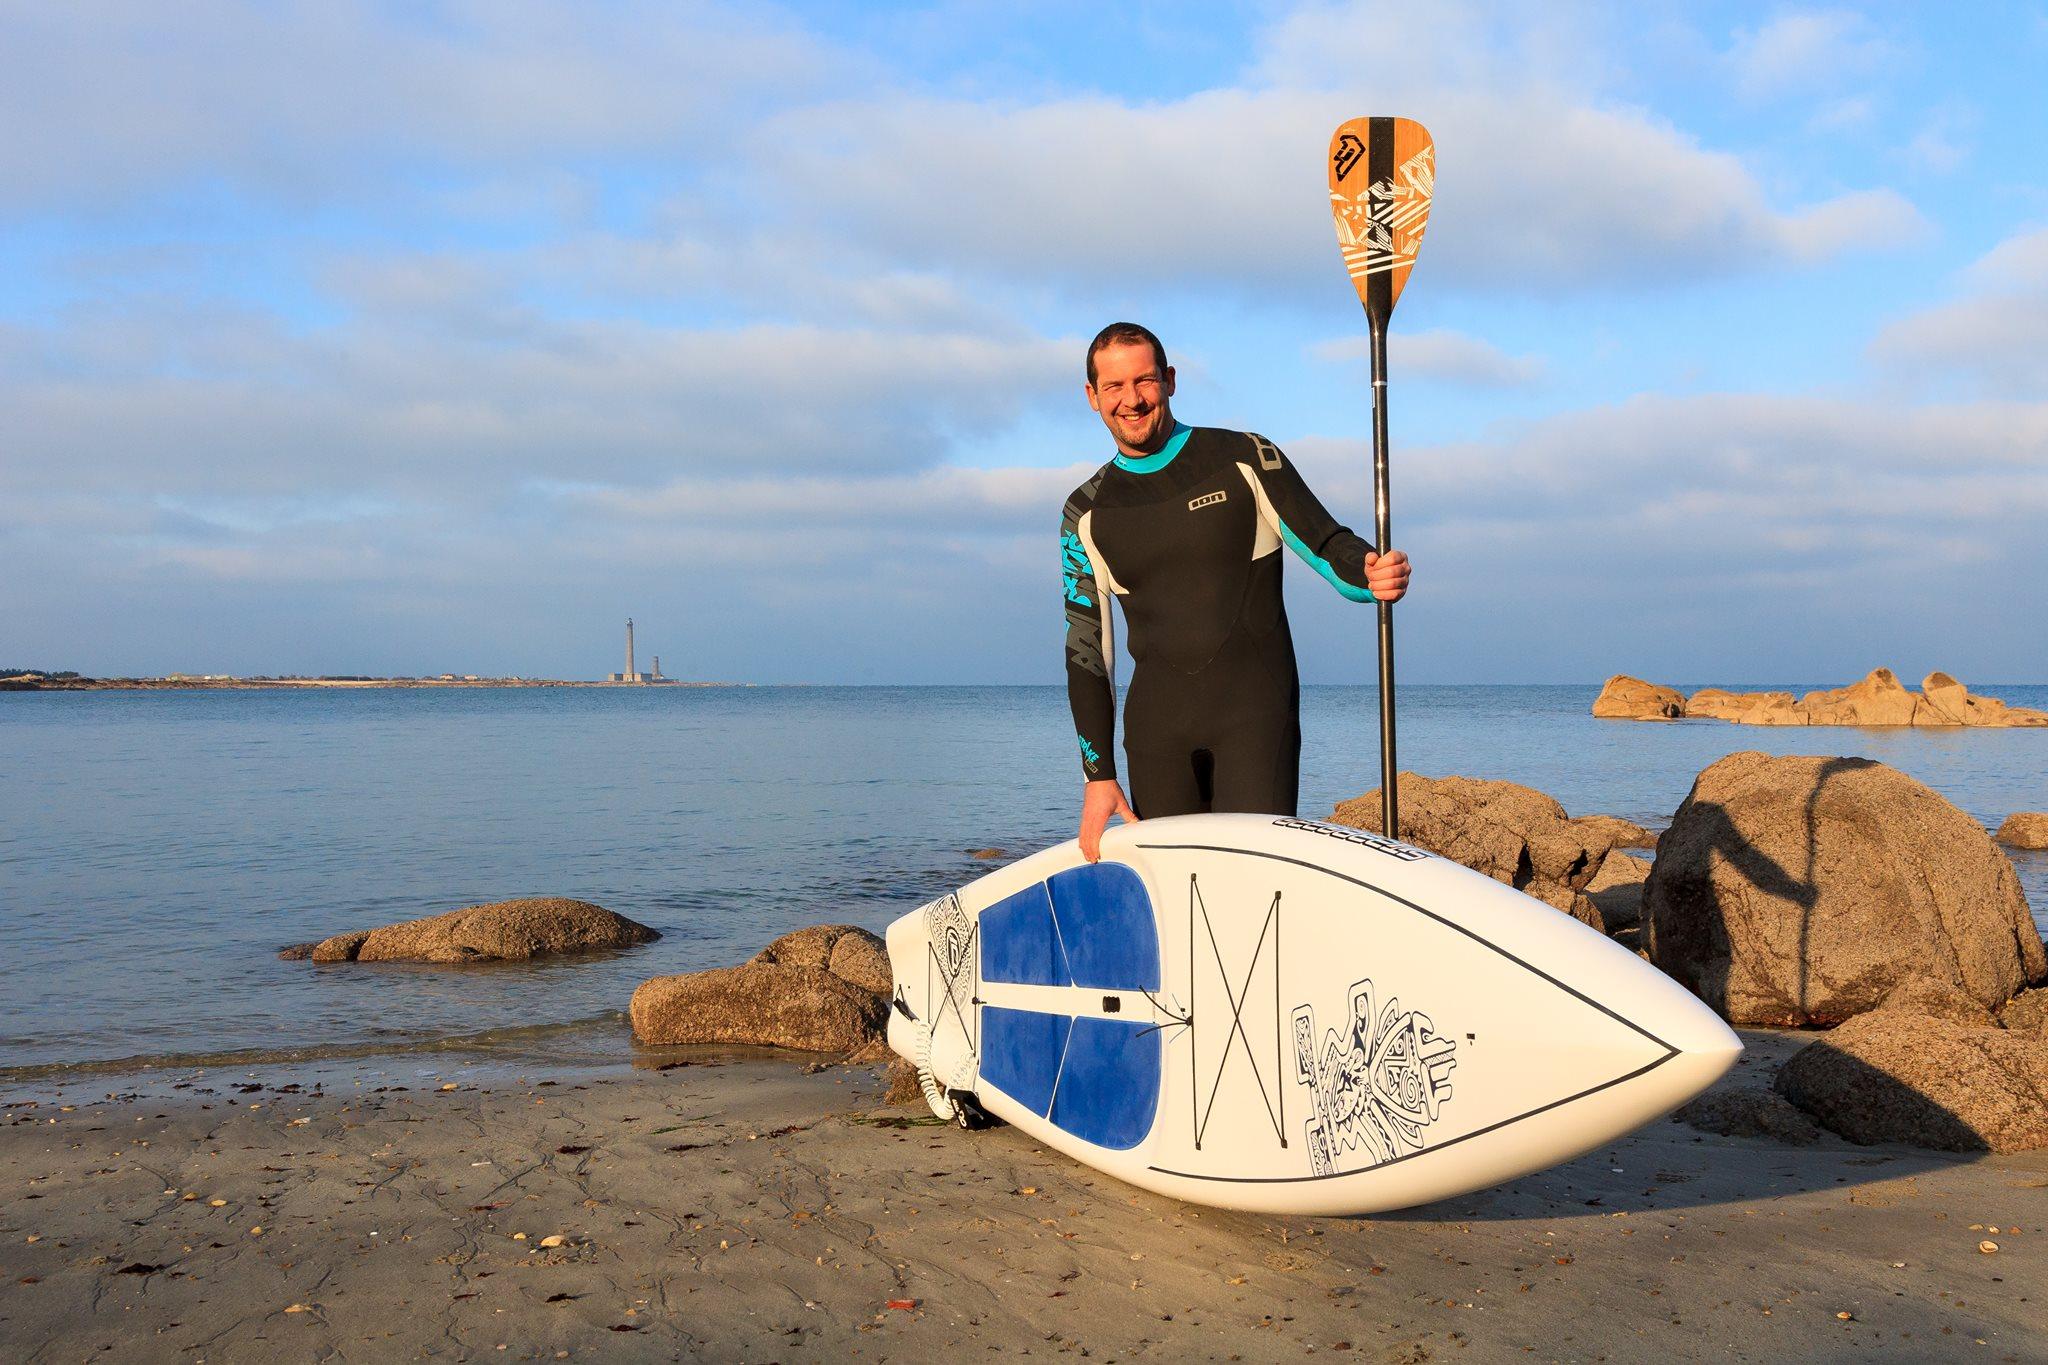 Le tour du Cotentin en SUP – Le Challenge Caritatif de Rémi BELAN